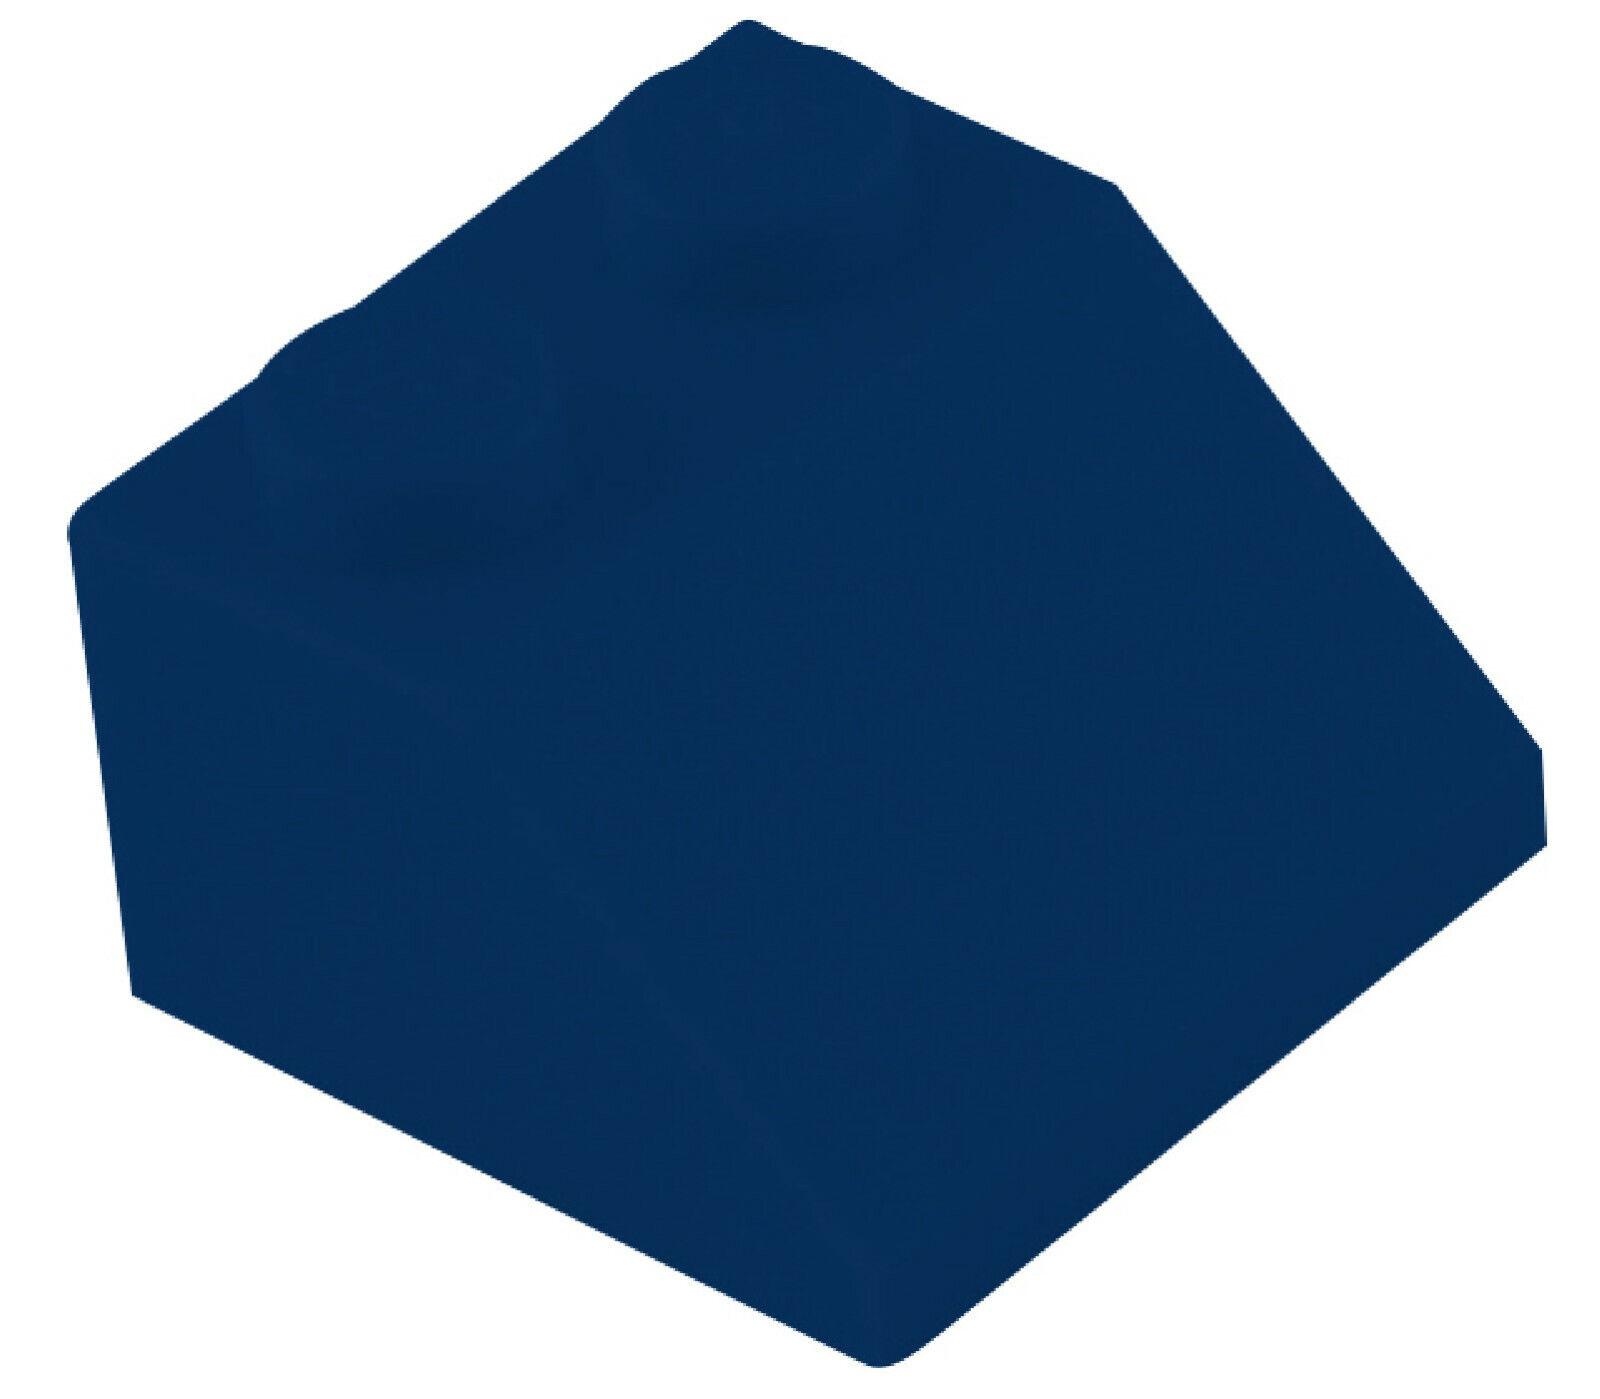 LEGO 10 Pièce Dachstein en Bleu 30 1 x2x 2//3 oblique Pierres Neuf 85984 Basics City